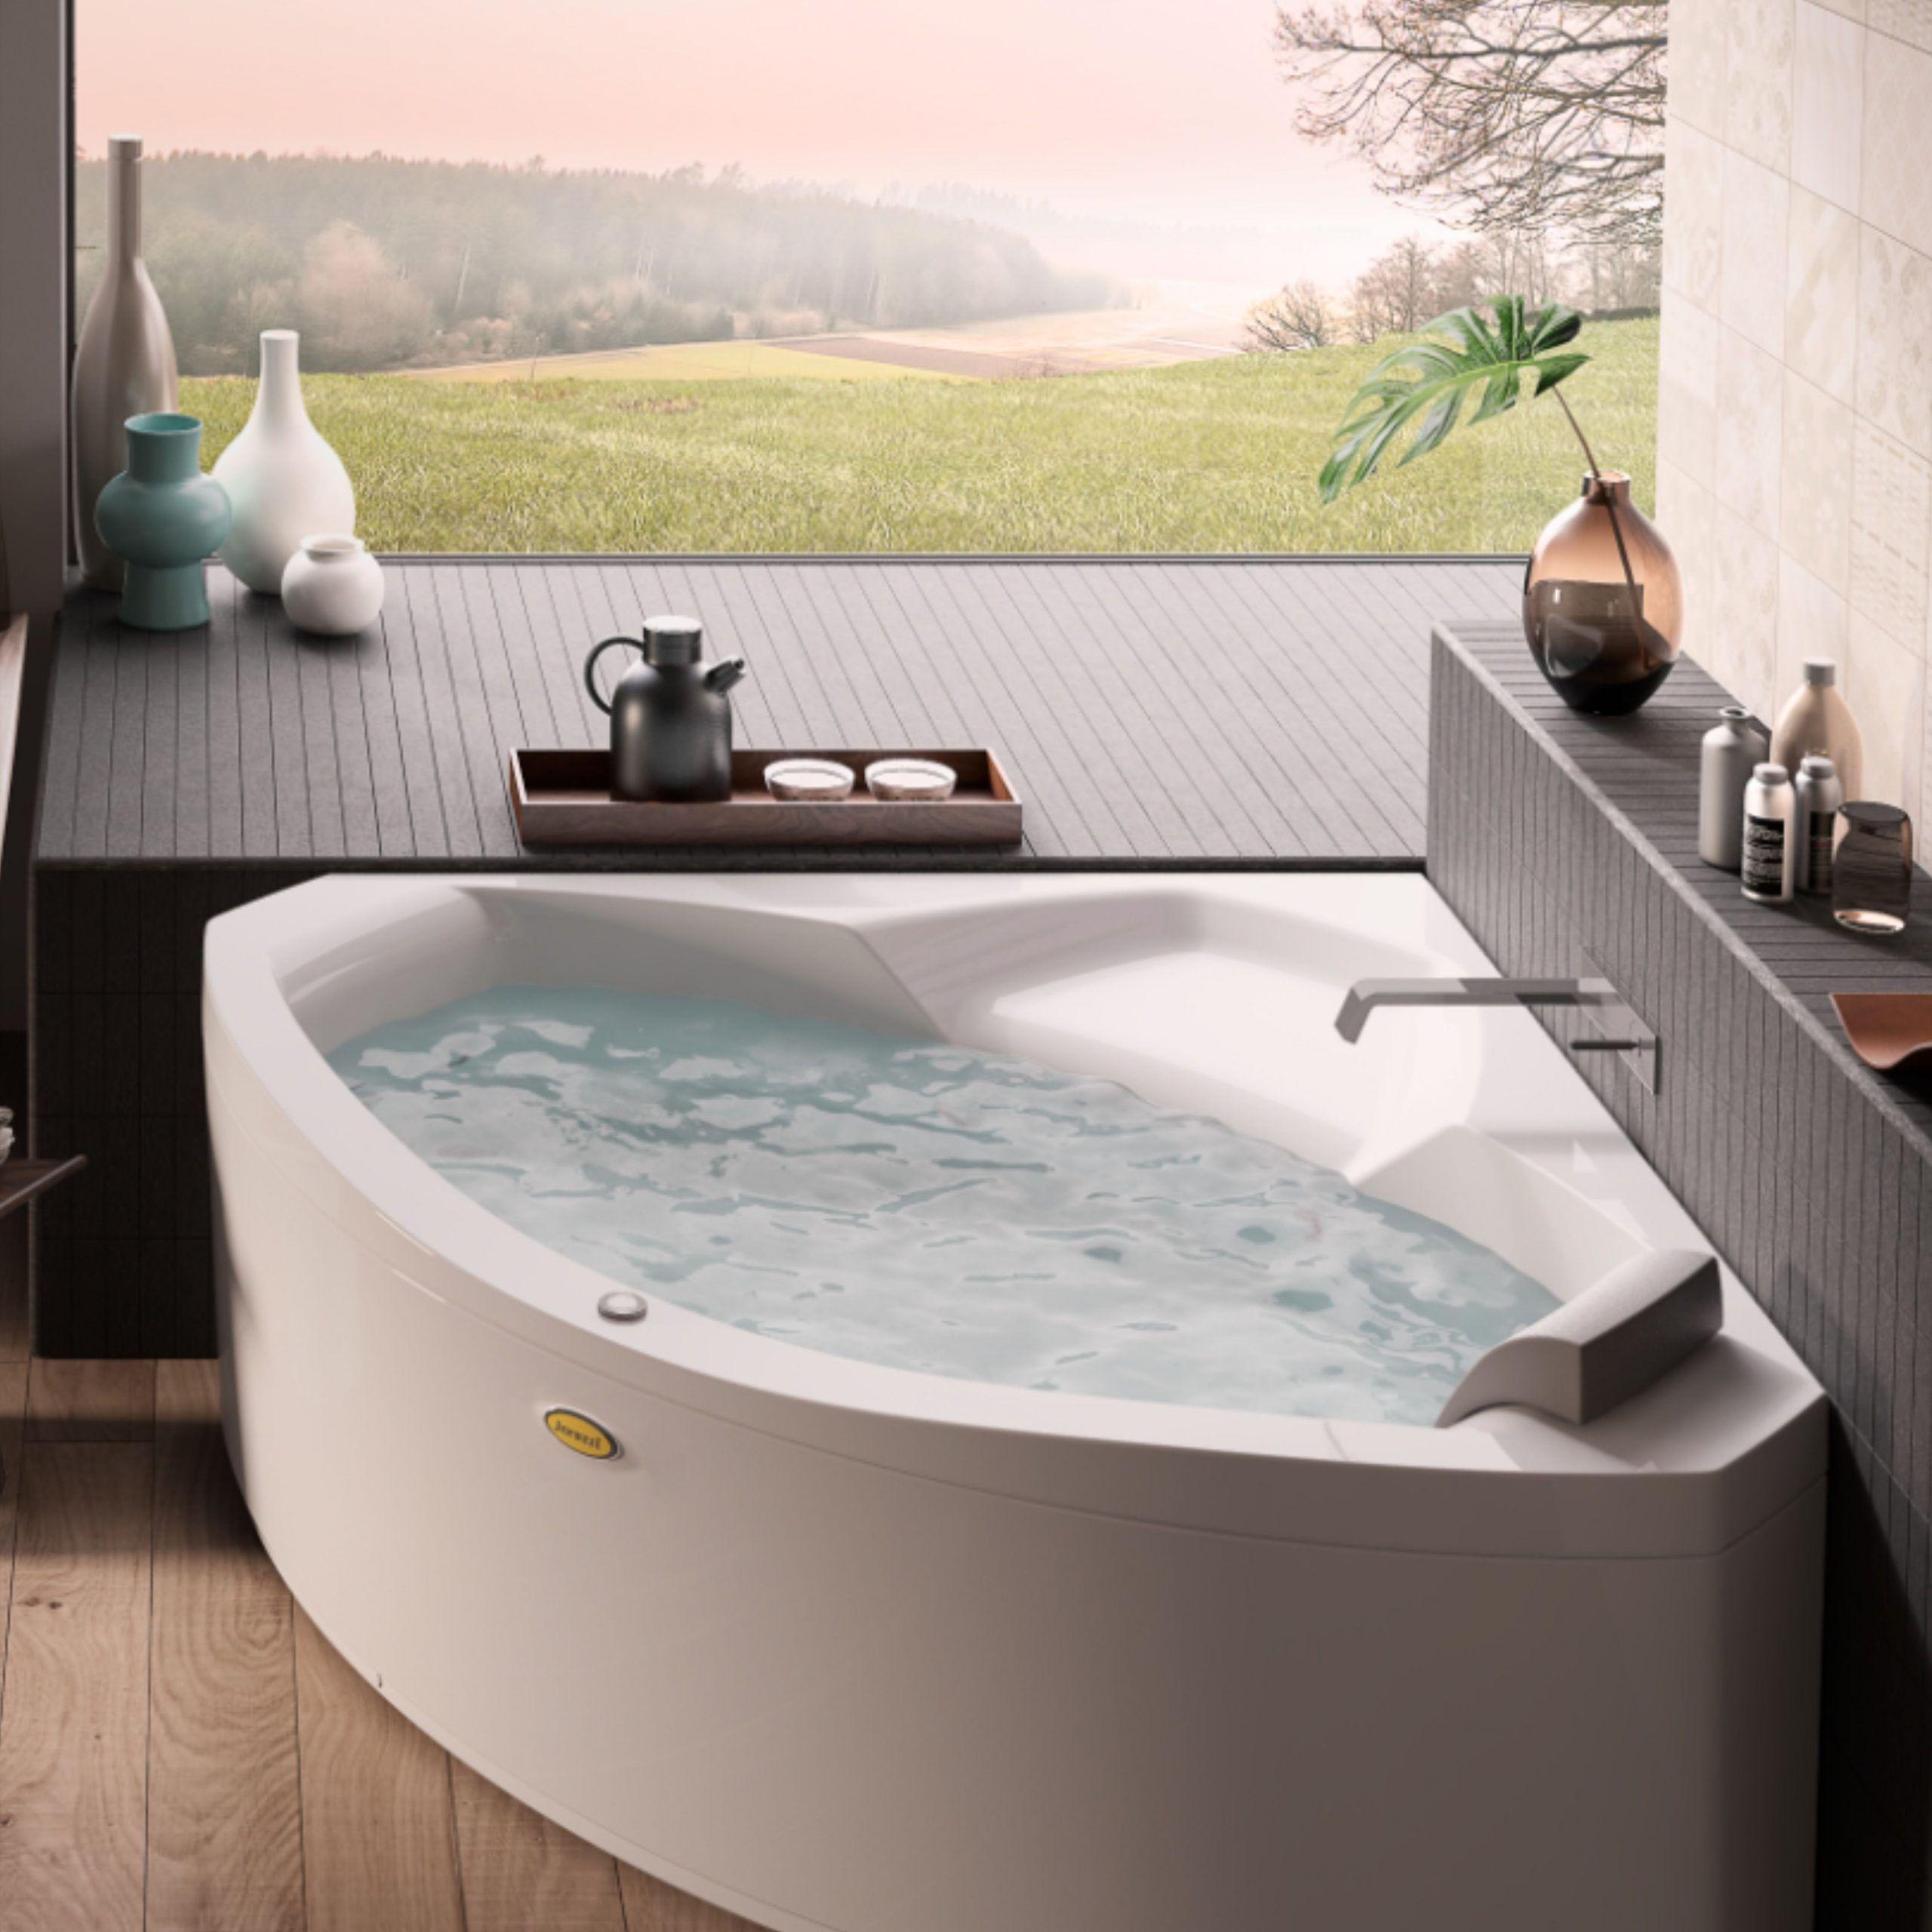 Bathroom Idea 29695747482267594 Jacuzzi Bathroom Corner Jacuzzi Tub Whirlpool Bathtub